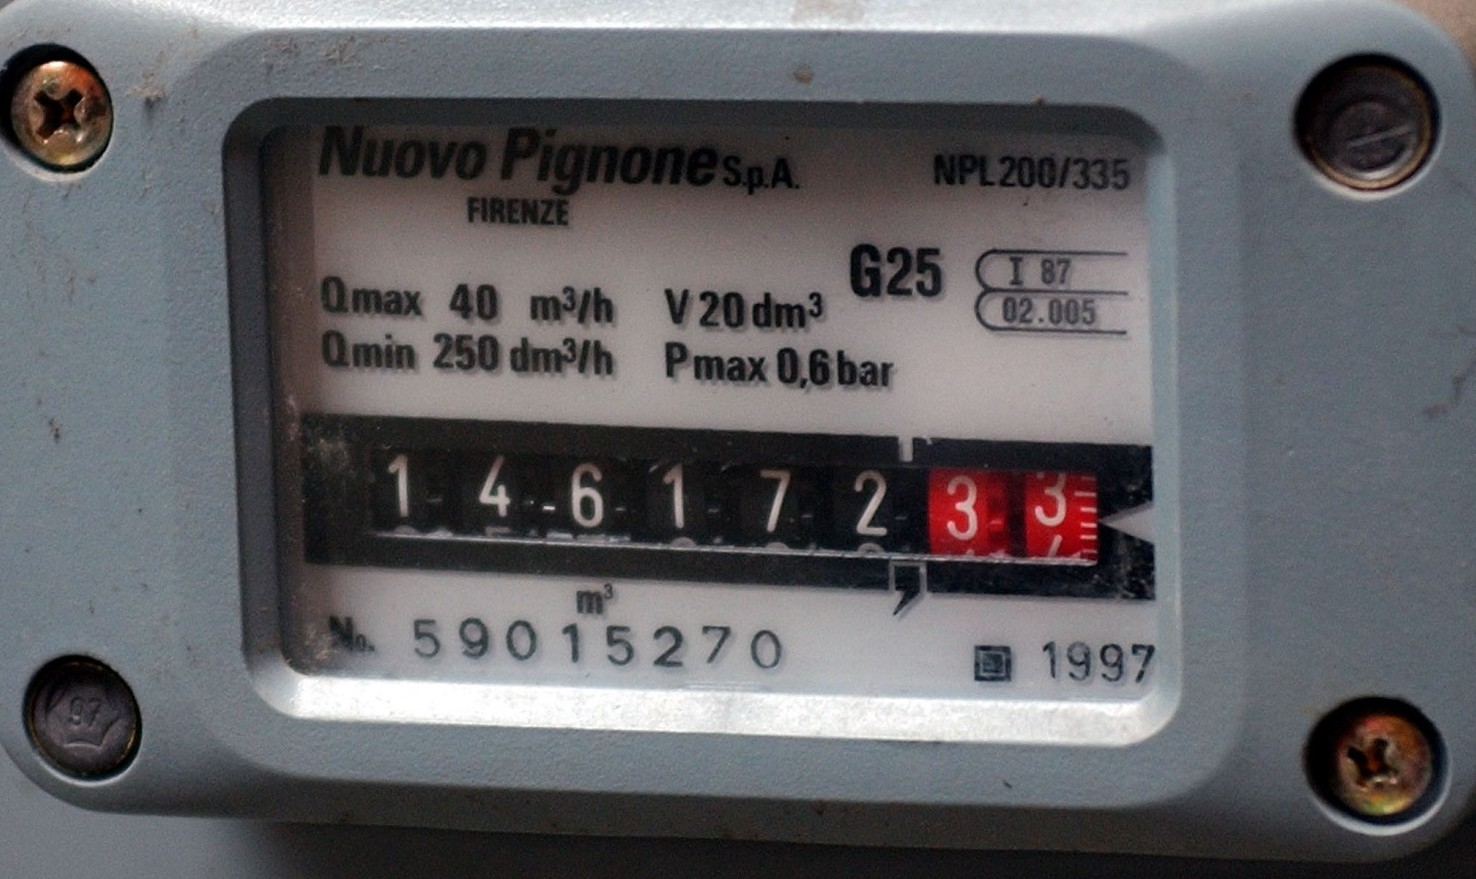 Come leggere il contatore del gas?